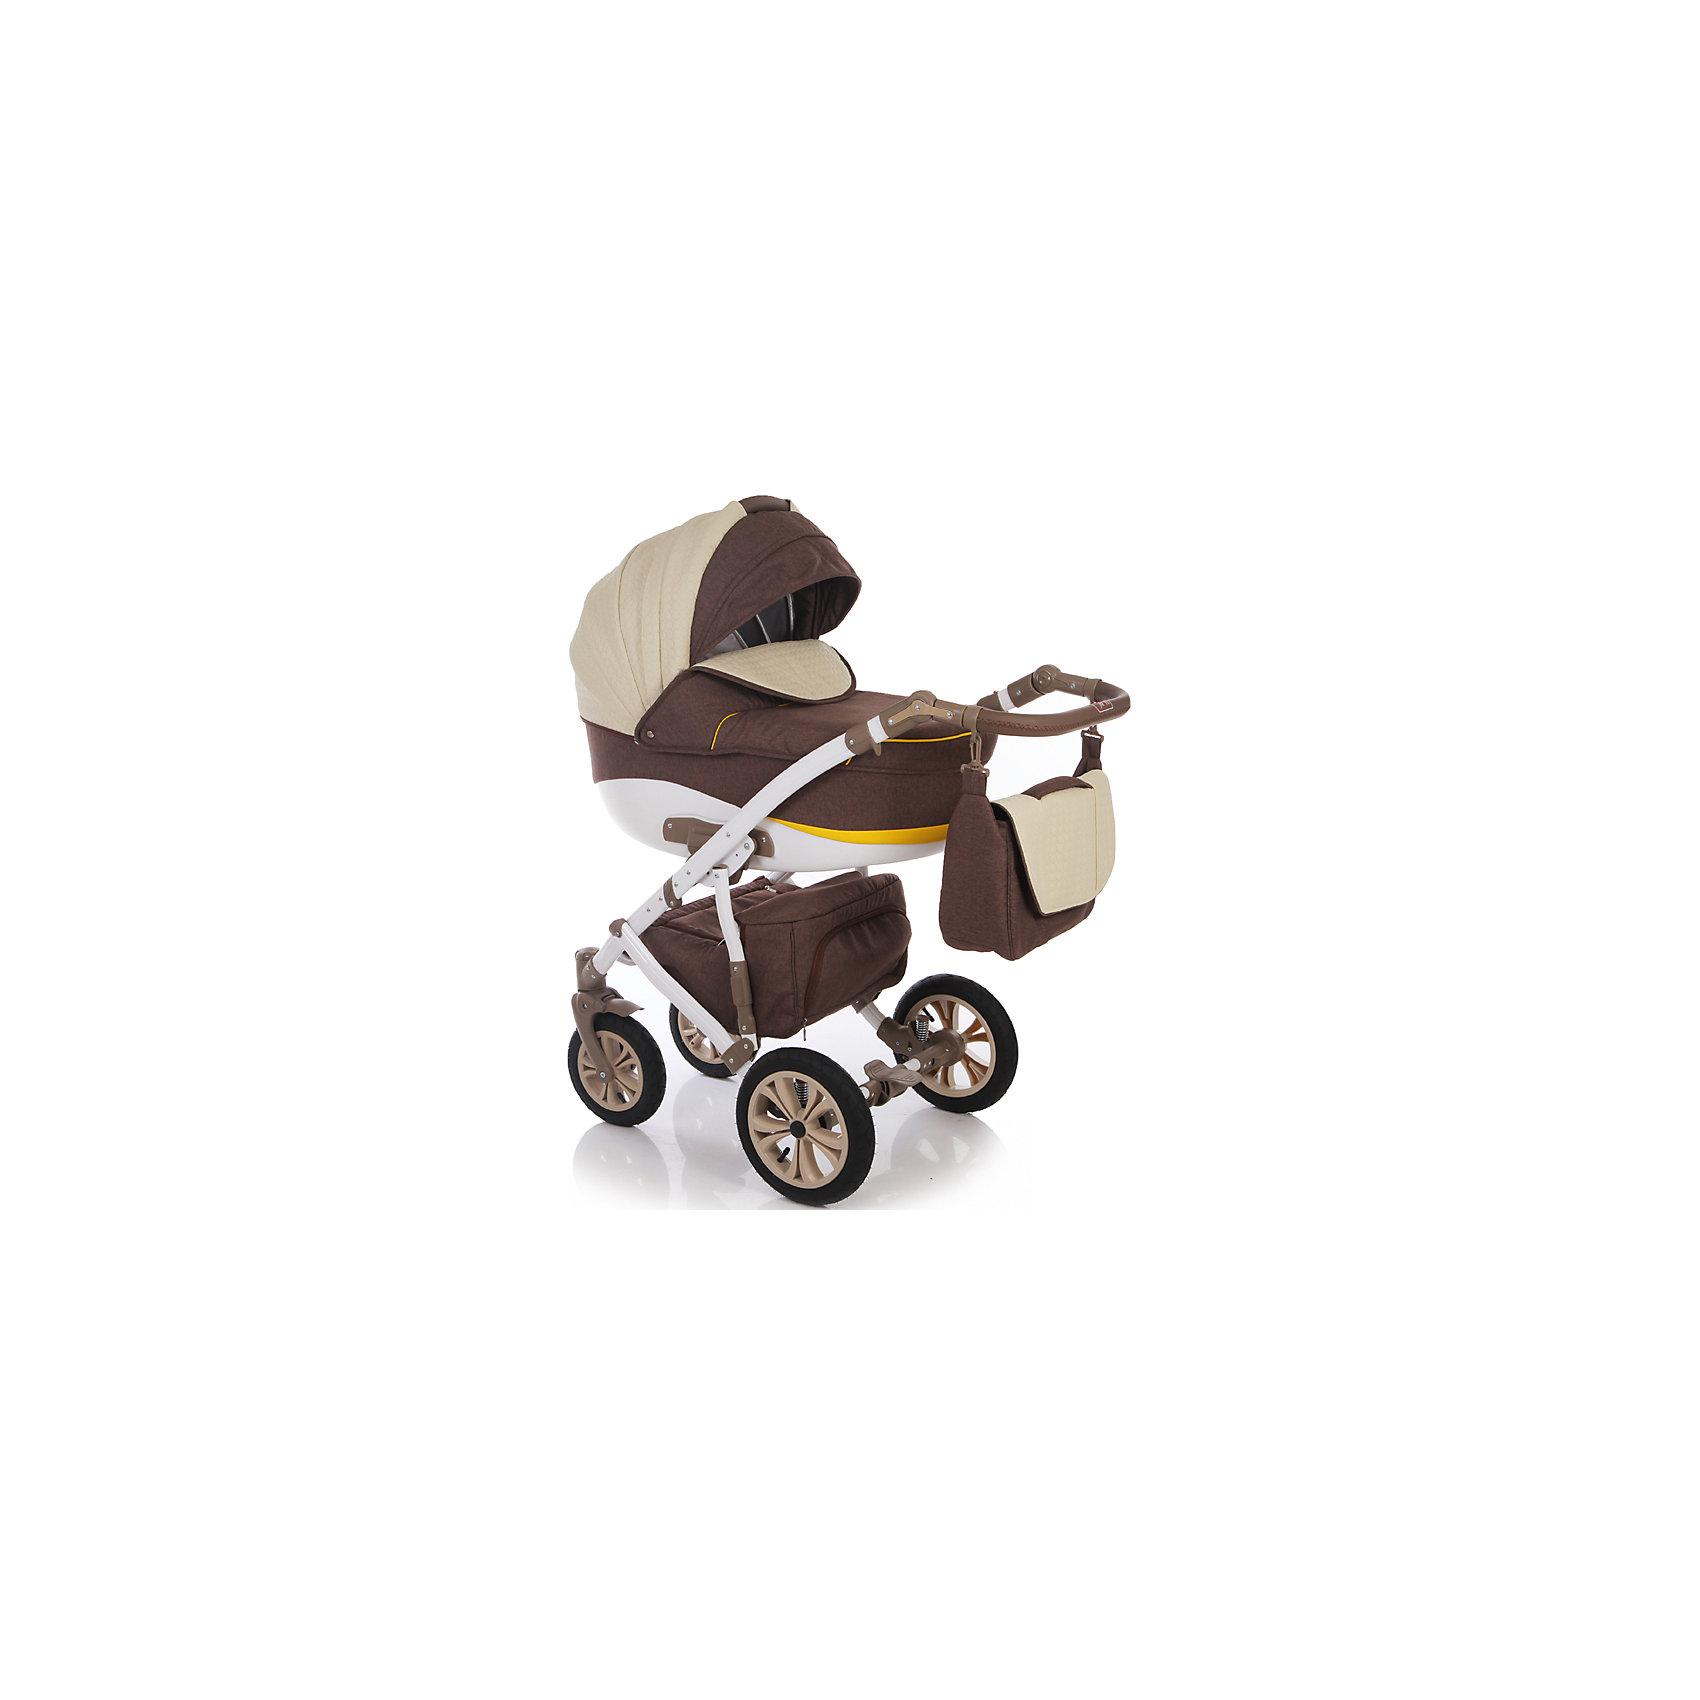 Коляска 2 в 1 FABIO, Ifratti, т.бежевый/жёлтый/экрюIfratti Fabio - манёвренная и лёгкая  в управлении коляска на алюминиевой раме и с возможностью установки автомобильного кресла. Неповторимый дизайн  никого не оставит  равнодушным. Оригинальный вариант сочетания теснённой кожи с тканью лён– обратит на себя внимание даже самого предвзятого покупателя. Для  детей с рождения до трёх лет. Конструкция рамы имеет мягкую подвеску передней и задней оси, удобную, регулируемую по высоте ручку, с обшивкой из эко кожи, а так же – большую, металлическую вместительная корзину-сетку для покупок. Капоры люльки и прогулочного блока, оснащены тихой системой регулировки, имеют складной, солнцезащитный козырёк, отстёгиваемый сегмент обивки, под которым находится большое вентиляционное окно с москитной сеткой, что особенно важно в жаркие летние дни.Оба модуля коляски, устанавливаются на раме поочерёдно, в двух направлениях – лицом, либо спиной по направлению движения. <br><br>Особенности:<br>Переносная люлька для детей с рождения до 6 месяцев:<br>- Просторная пластиковая люлька 42/85 см) с регулируемым подголовником;                   <br>- Люлька устанавливается в 2х направлениях лицом к маме, лицом к дороге;           - Простая и удобная система крепления на раму;<br>- Съемная подкладка из 100% хлопка, с возможностью стирки;<br>- Капюшон складной, съемный с вентиляционным окошком;<br>- Опускающийся козырёк для защиты от непогоды;<br>- Бесшумная система складывания капора;<br>- Кожаная ручка, для использования люльки в качестве переноски;<br>- Размер спального места ДхШхВ: 82 см х 39 см х 23см.Прогулочный блок для детей от 6 месяцев  до 3-х лет;<br>- Удобное, широкое посадочное место;<br>- Полная регулировка спинки до положения лёжа;<br>-  Регулировка подножки по высоте;<br>- Пятиточечные ремни безопасности;<br>- Съёмный передний поручень с разделительной перемычкой между ножек;<br>- Регулировка ручки по высоте;<br>- Надежный центральный тормоз.<br><br>Комплектация: <br>- Люлька;<br>-